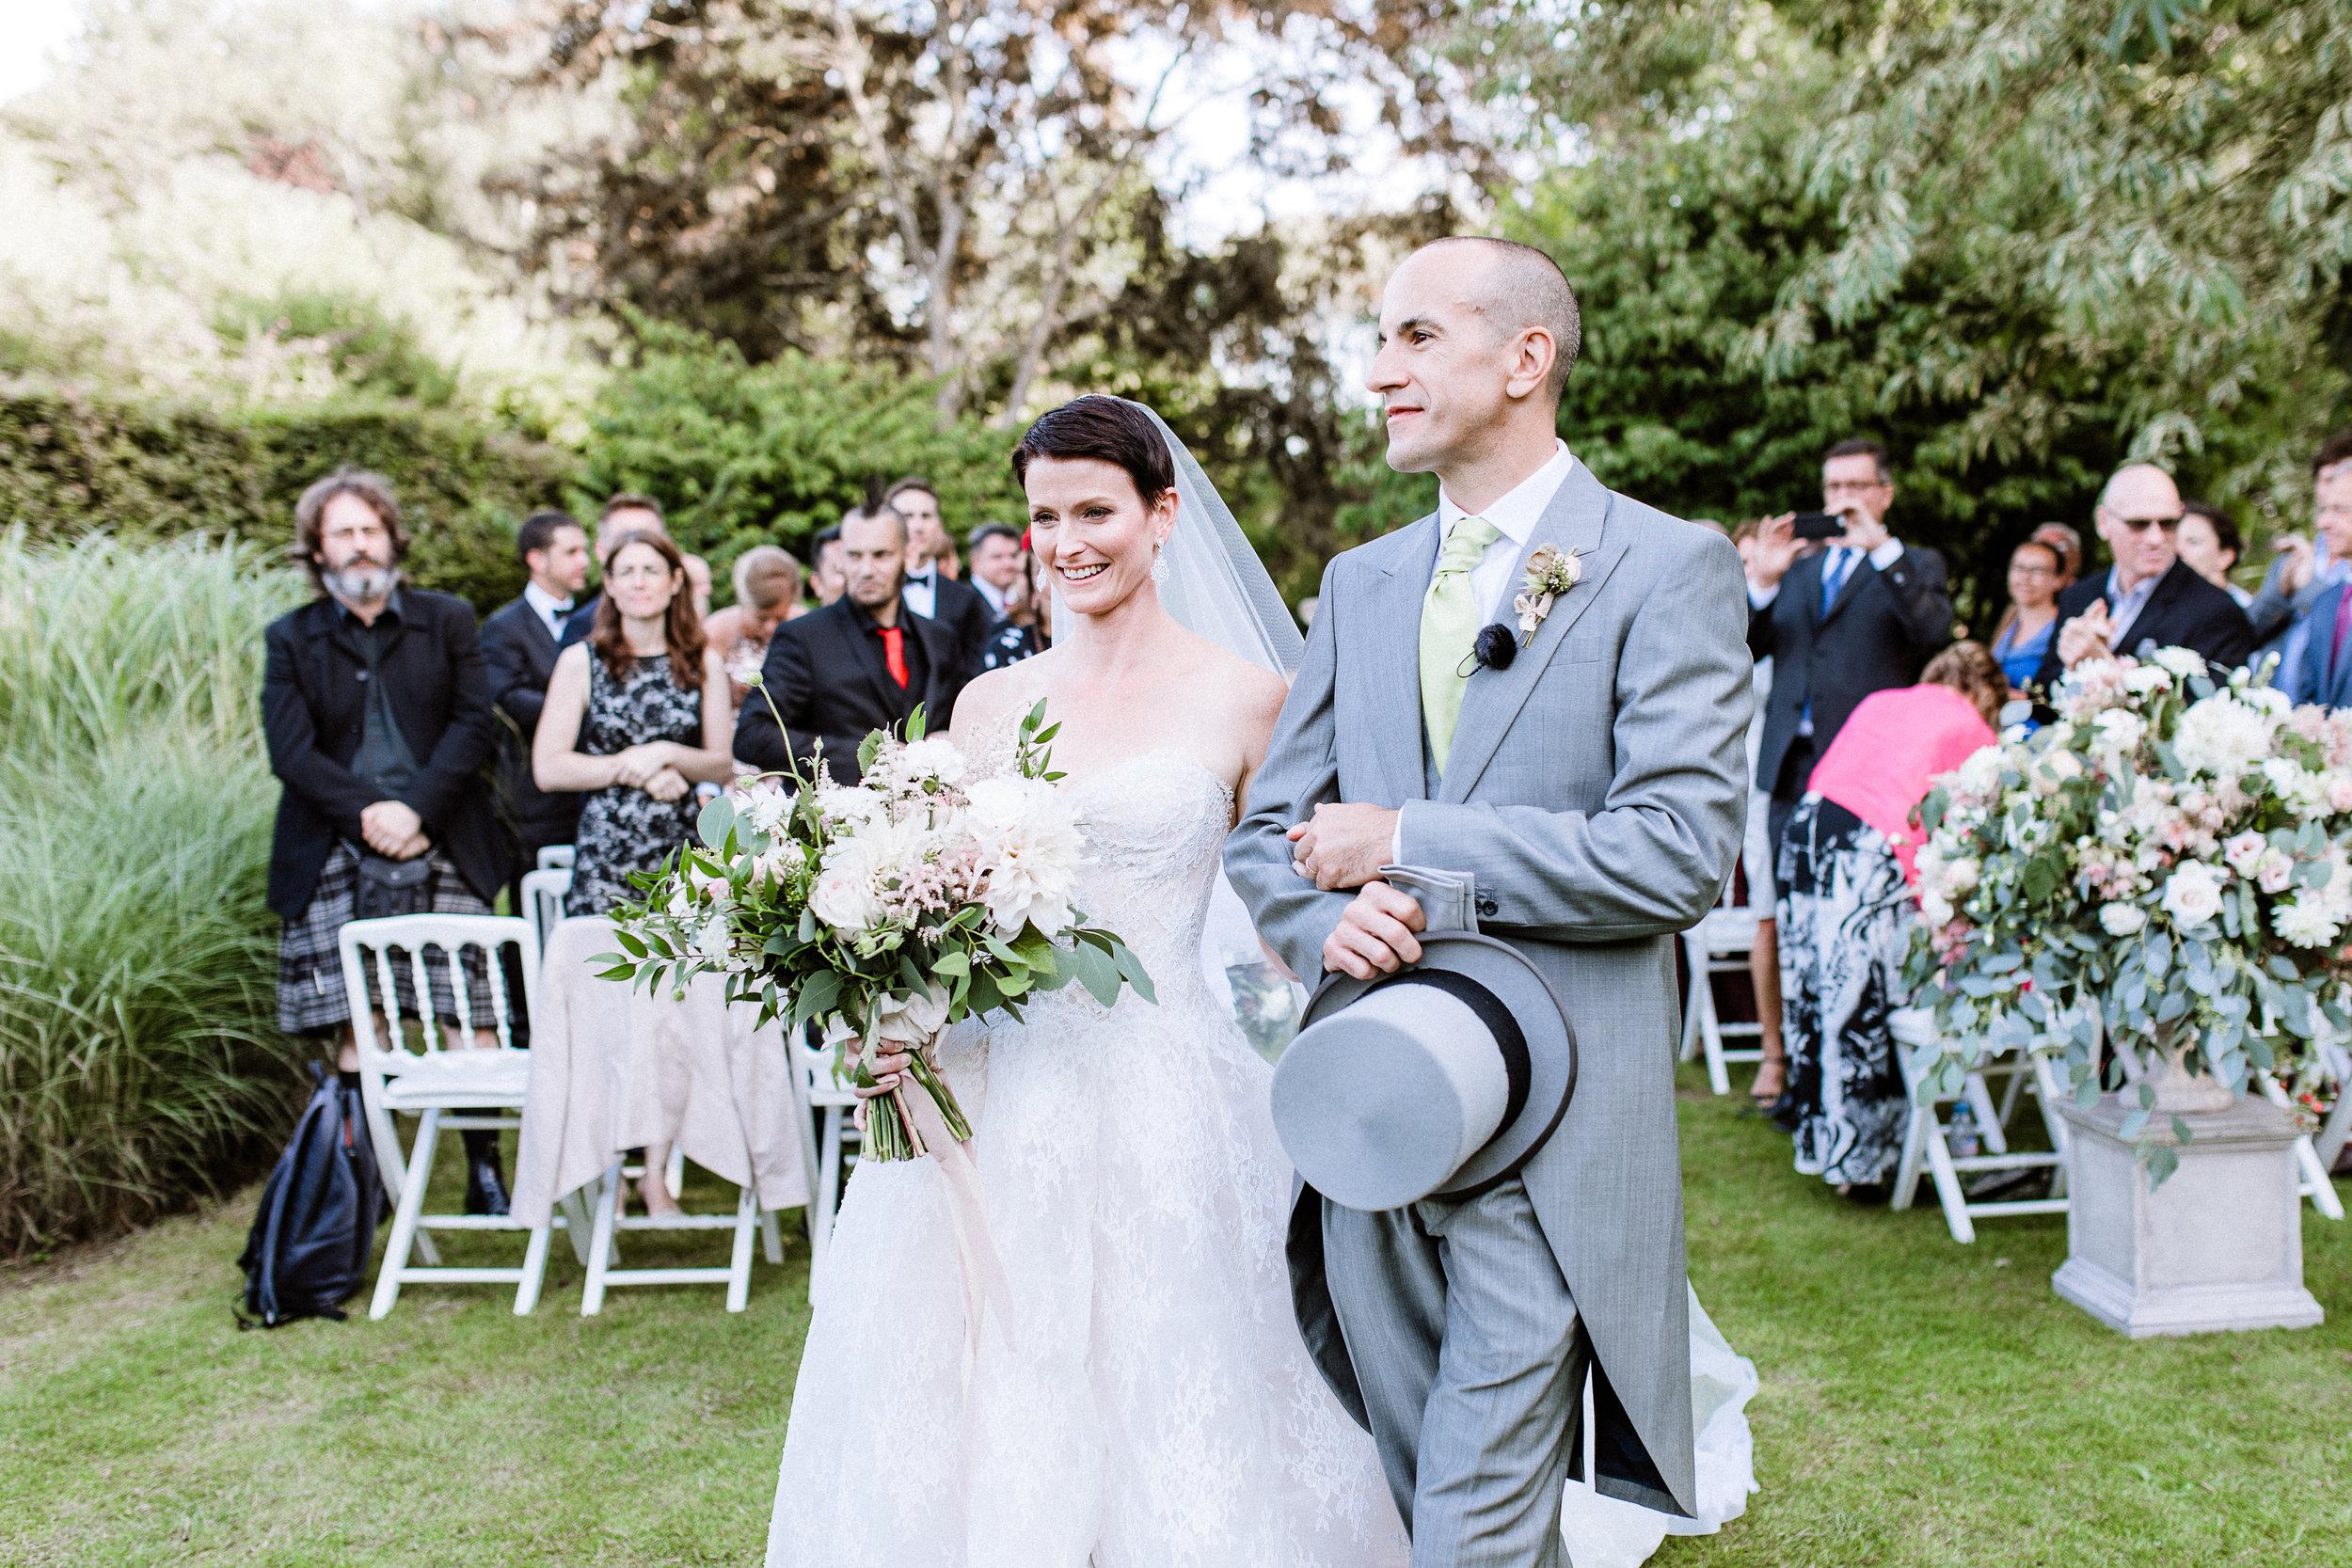 Just married. July 25, 2018. Les Jardins du Pays d'Auge, Normandy.